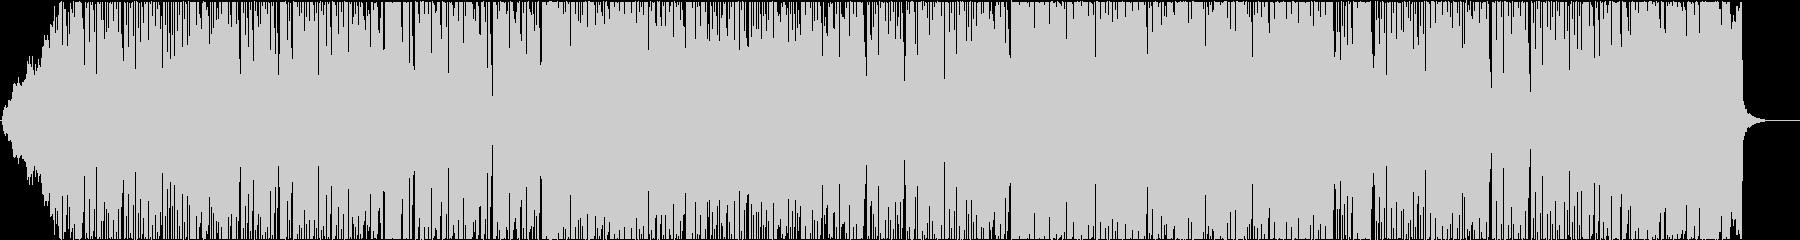 ブラスを使用したファンキーな曲、映像等にの未再生の波形